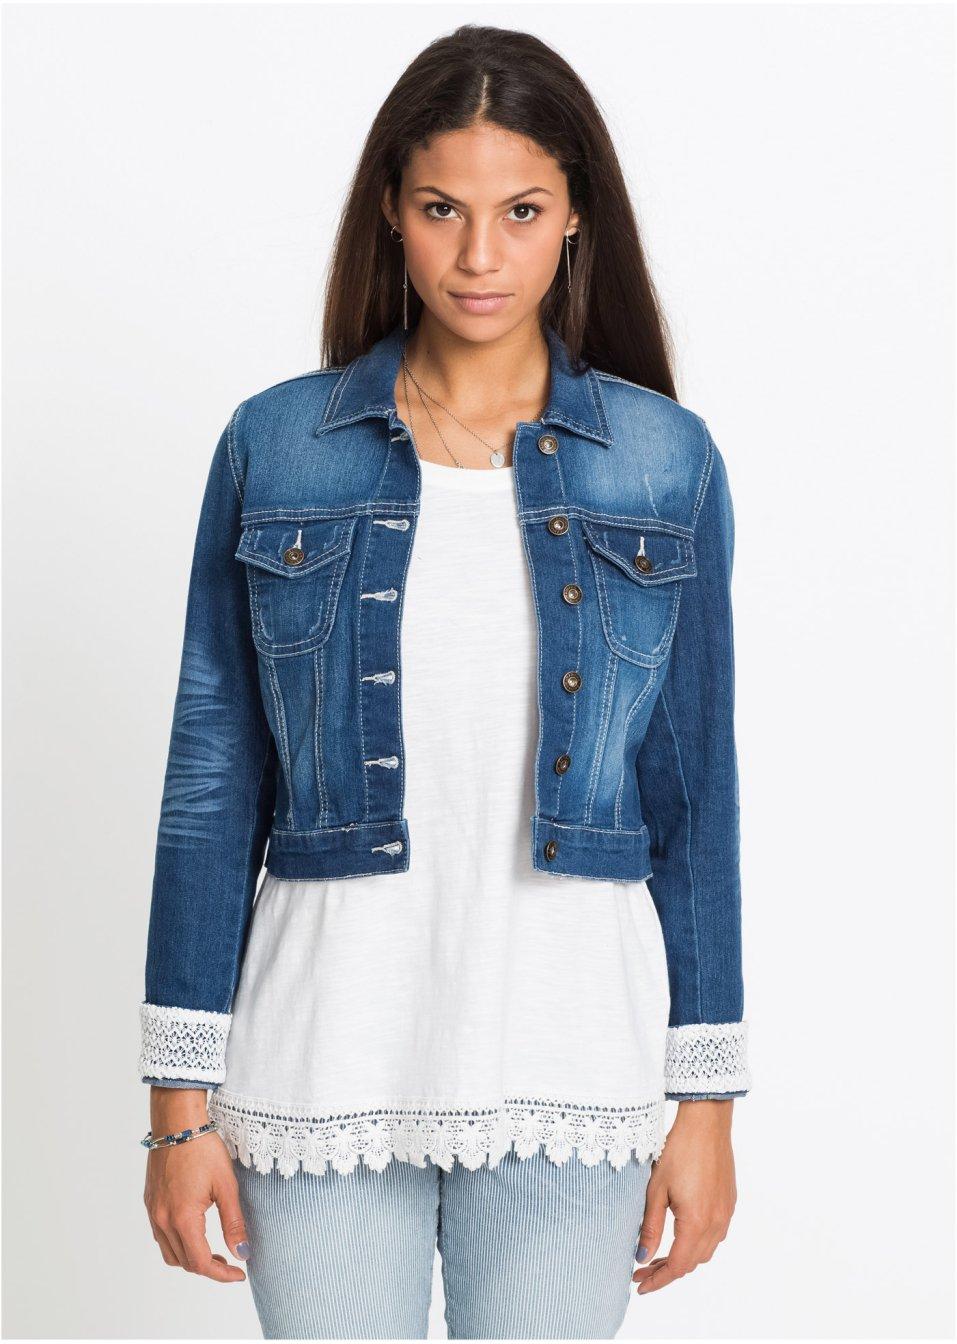 Veste en jean à empiècement dentelle indigo rayé - Femme - bonprix.fr 35228bb428d7